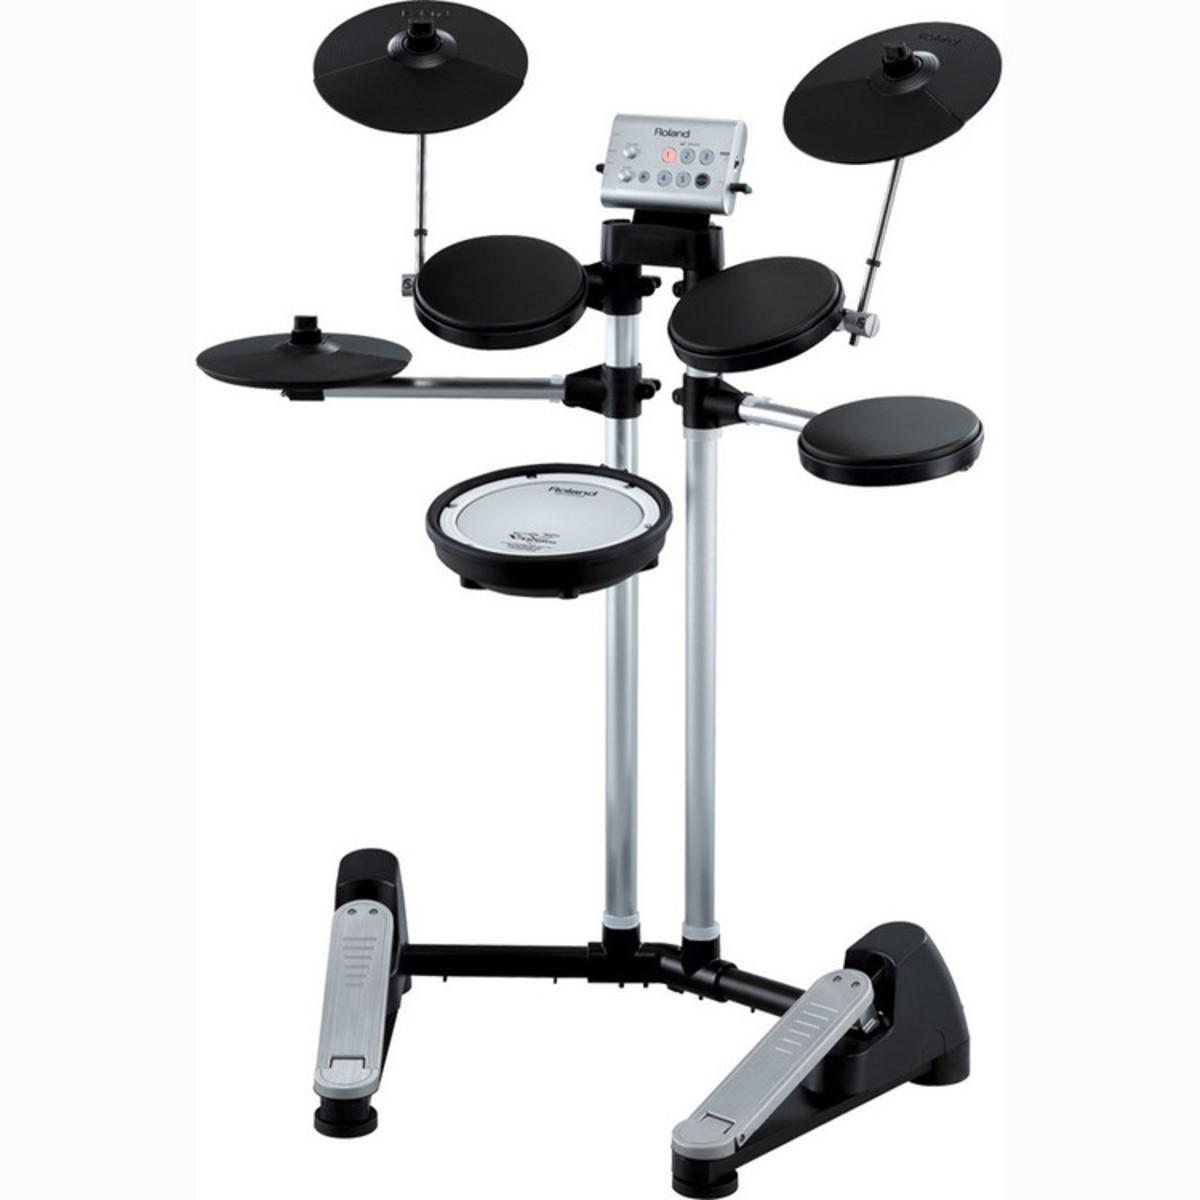 Disc roland hd 1 v drum lite trommesett hd1 drum veileder um one hos - Roland hd3 v drum lite set ...